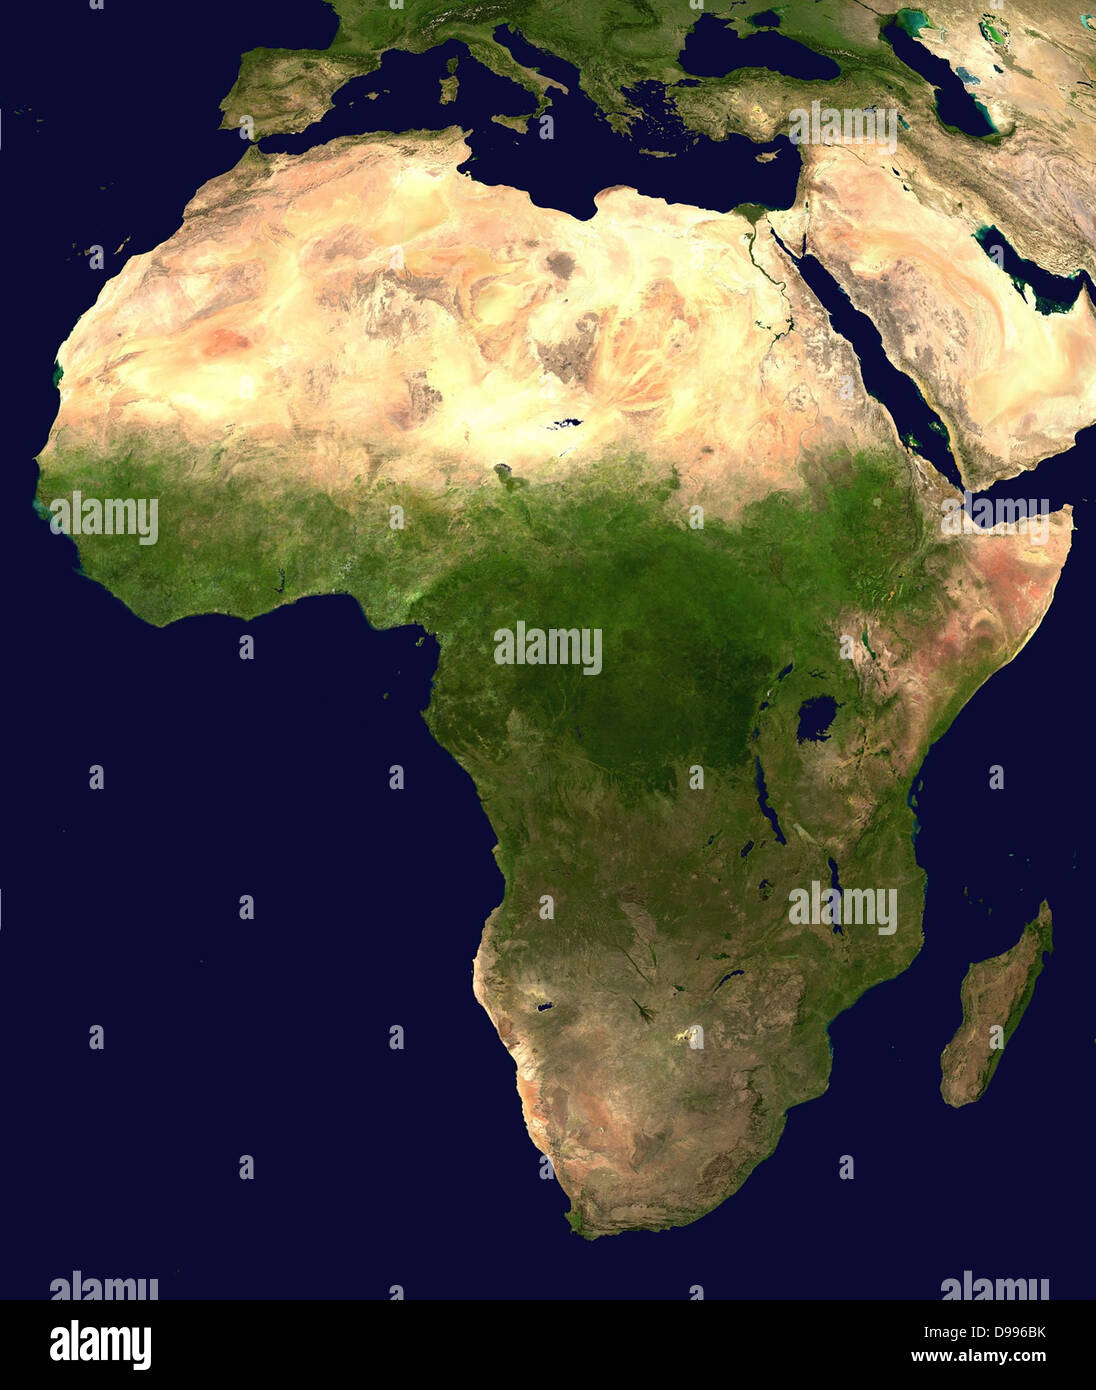 Zusammengesetzten Satellitenbild von Afrika Stockbild